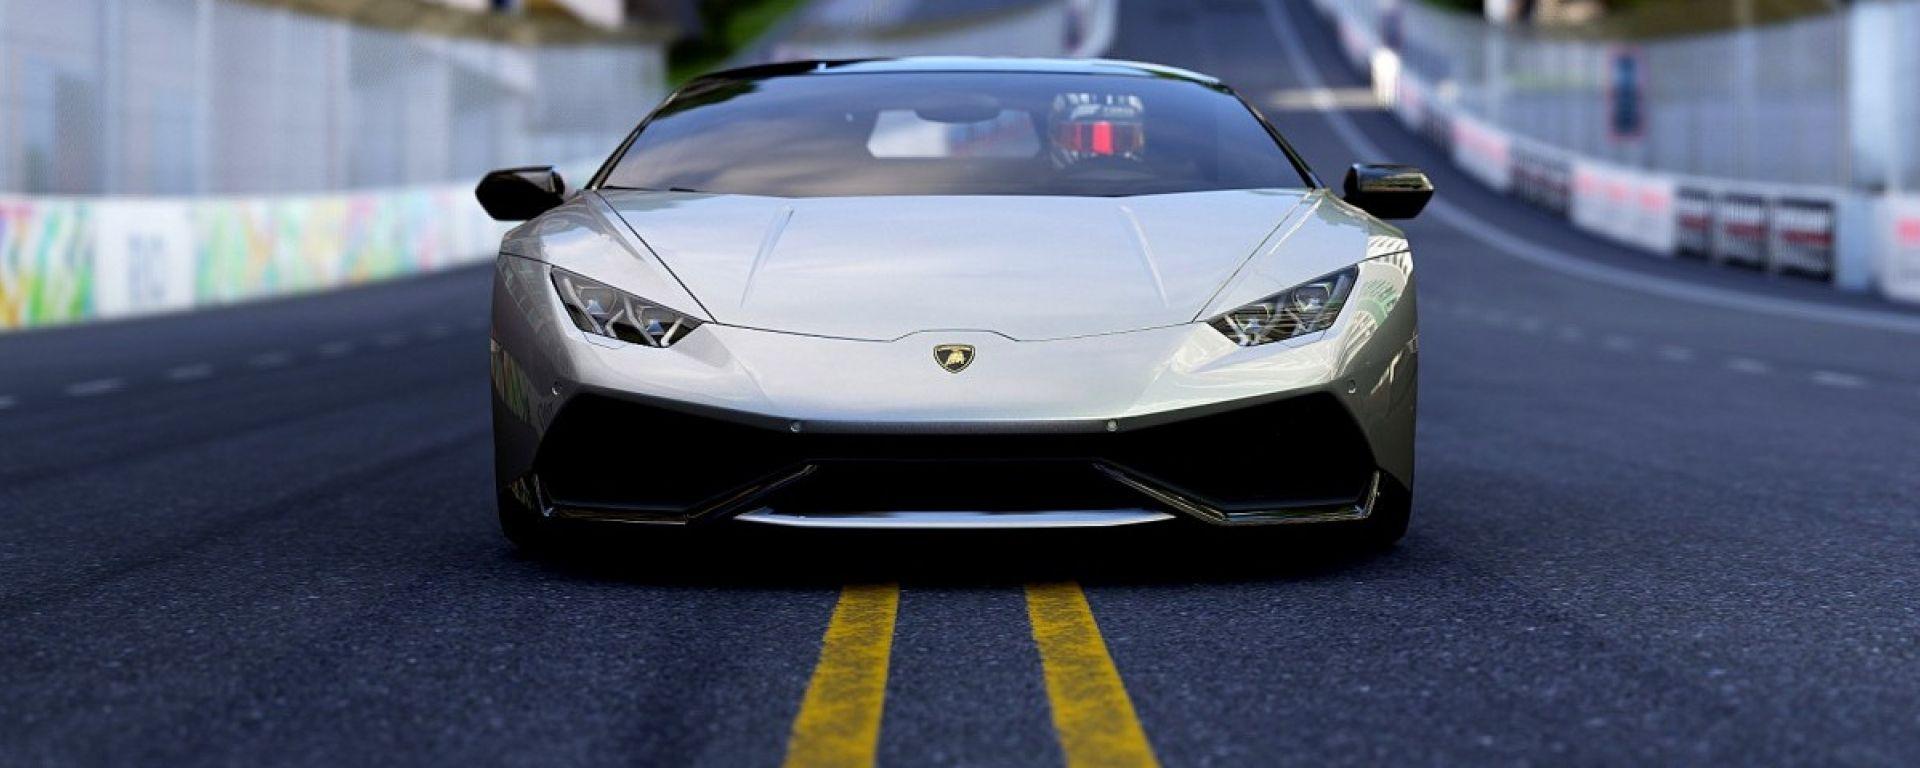 Dieci cose che devi sapere su Lamborghini